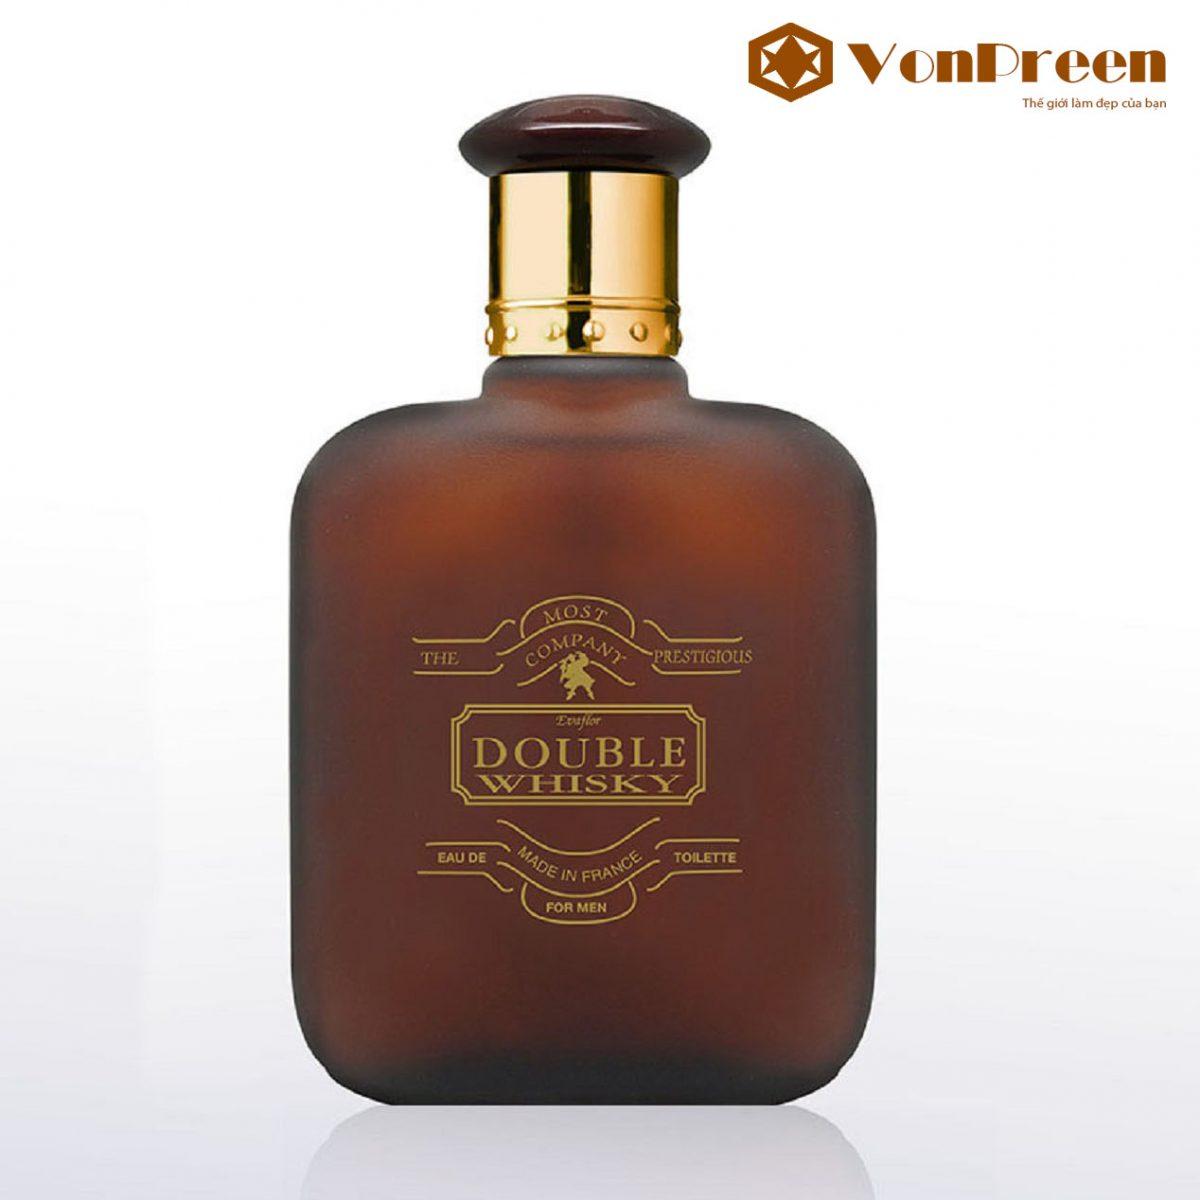 Nước Hoa Double Whisky 100ml, hương thơm gỗ hoa cỏ xạ hương, Nam tính, độc đáo, sang trọng